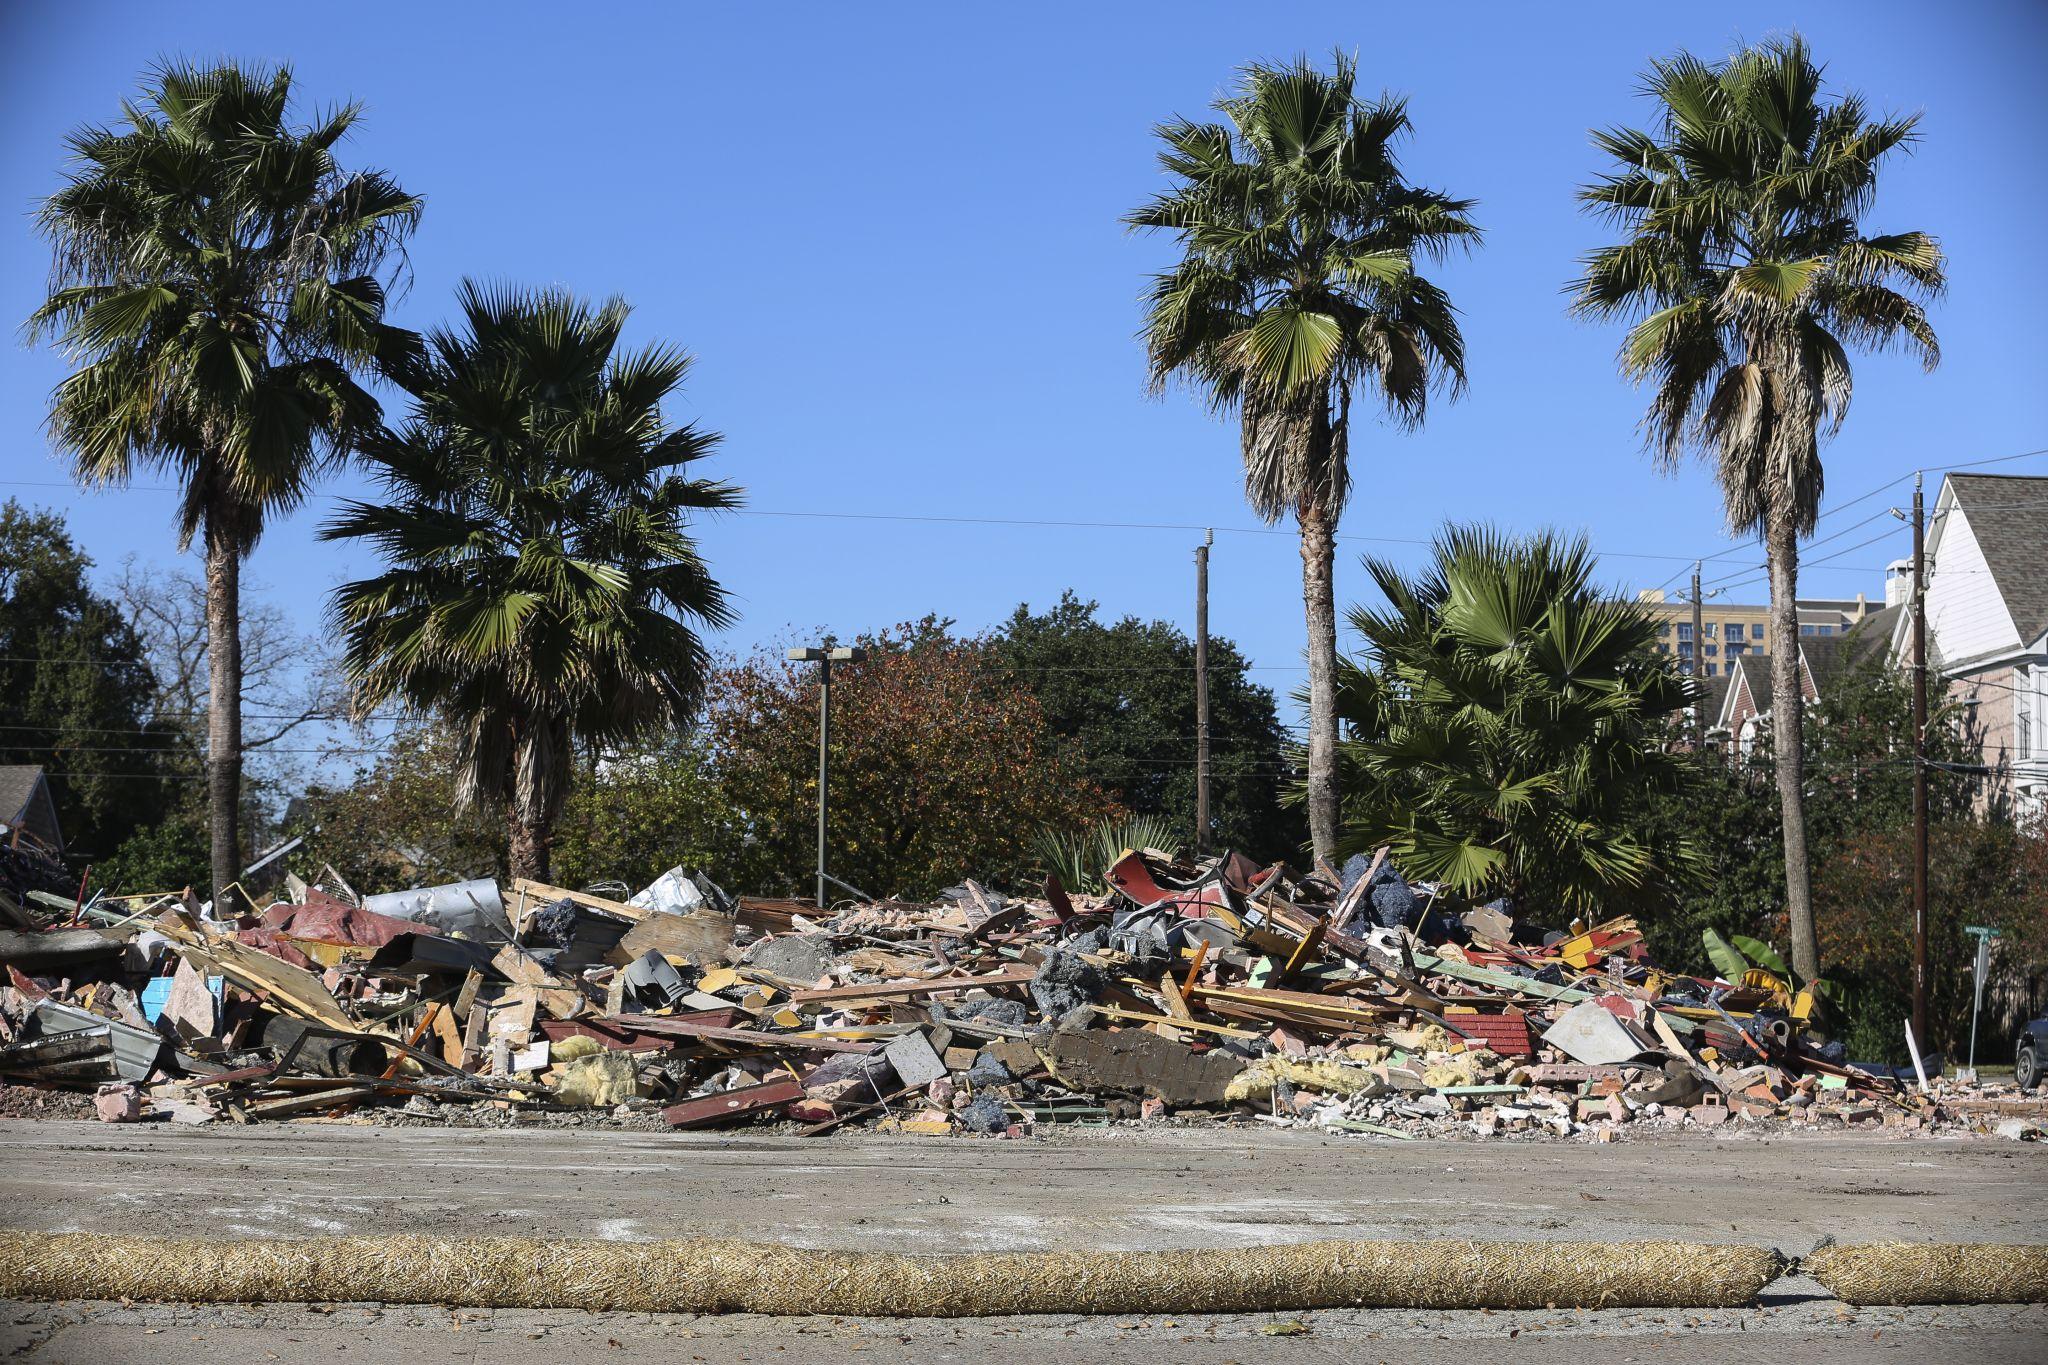 El Tiempo's 1308 Montrose location has really great smelling rubble